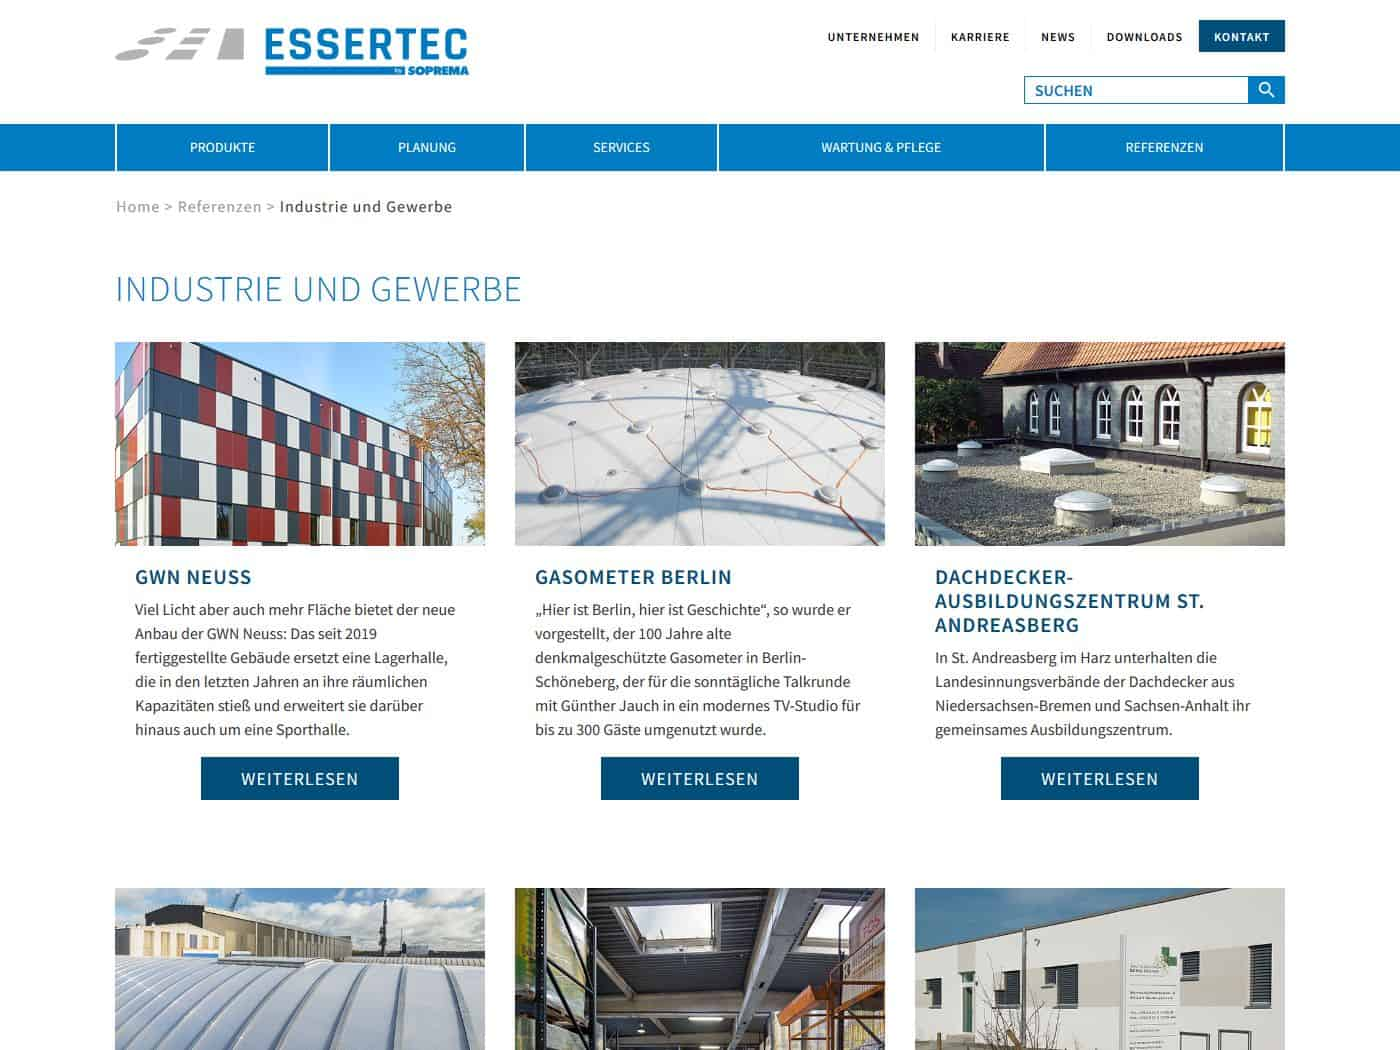 responsive Webdesign ESSERTEC GmbH, Referenzen